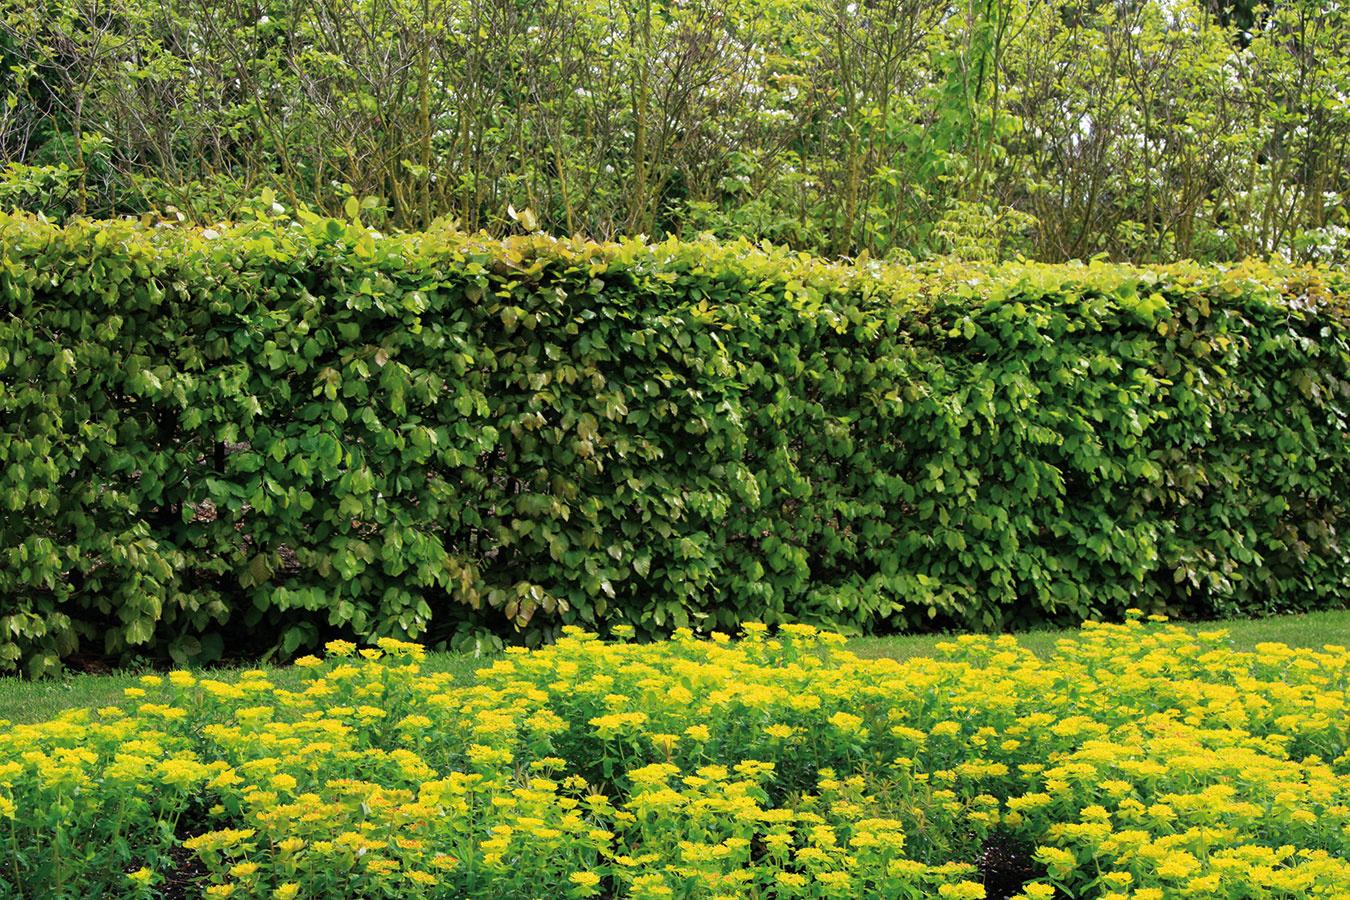 Listnaté kry možno vo forme živých plotov použiť aj na ohraničenie alebo predelenie pozemku. Jar je ideálna na ich zakladanie. Vprírodnom type záhrad ana vidieku sa uplatnia skôr voľne rastúce živé ploty (zložené zrozmanitých výškovo zhodných kvitnúcich krov), vmodernej mestskej záhrade sú pôsobivejšie tie tvarované, ktoré sú ale náročnejšie na čas aúdržbu. Vkategóriiopadavých krov môžete zvoliť klasiku vpodobe vtáčieho zobu (Ligustrum vulgare) alebo menej využívaného hrabu (Carpinus betulus), prípadne dráča (Berberis thunbergii). Pekný môže byť aj buk. Zo vždyzelených listnáčov je zaujímavý pomalšie rastúci krušpán (Buxus sempervirens) alebo vavrínovec (Prunus laurocerassus). Na predelenie pozemku môžete použiť aj popínavé dreviny, ktoré pomerne rýchlo obrastú nainštalované treláže.